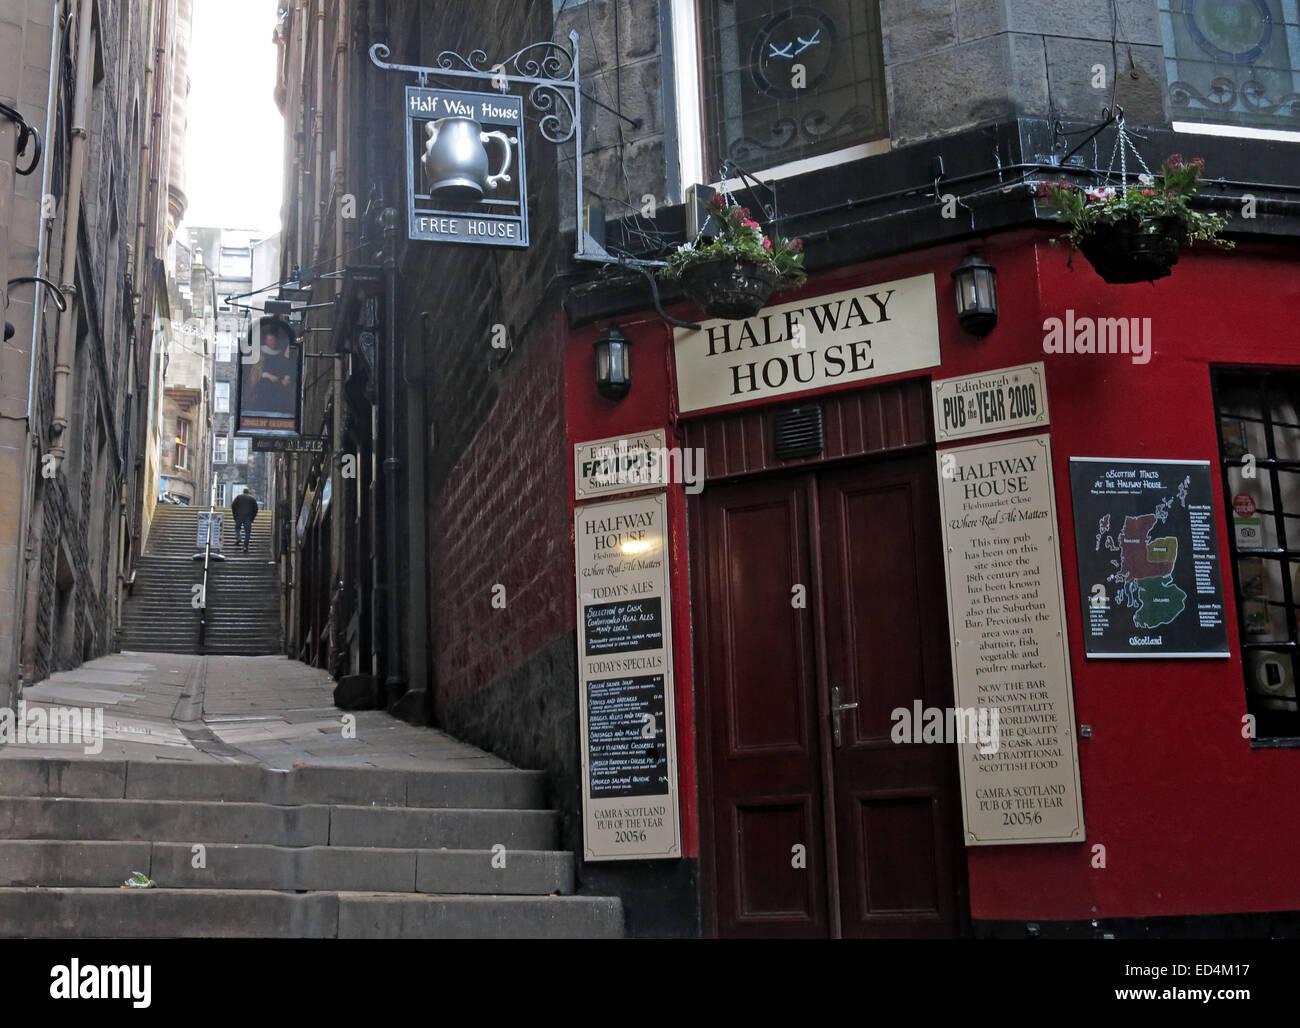 Laden Sie dieses Alamy Stockfoto Halfway House Pub, Fleshmarket in der Nähe, Stadt Edinburgh, Scotland, UK - ED4M17